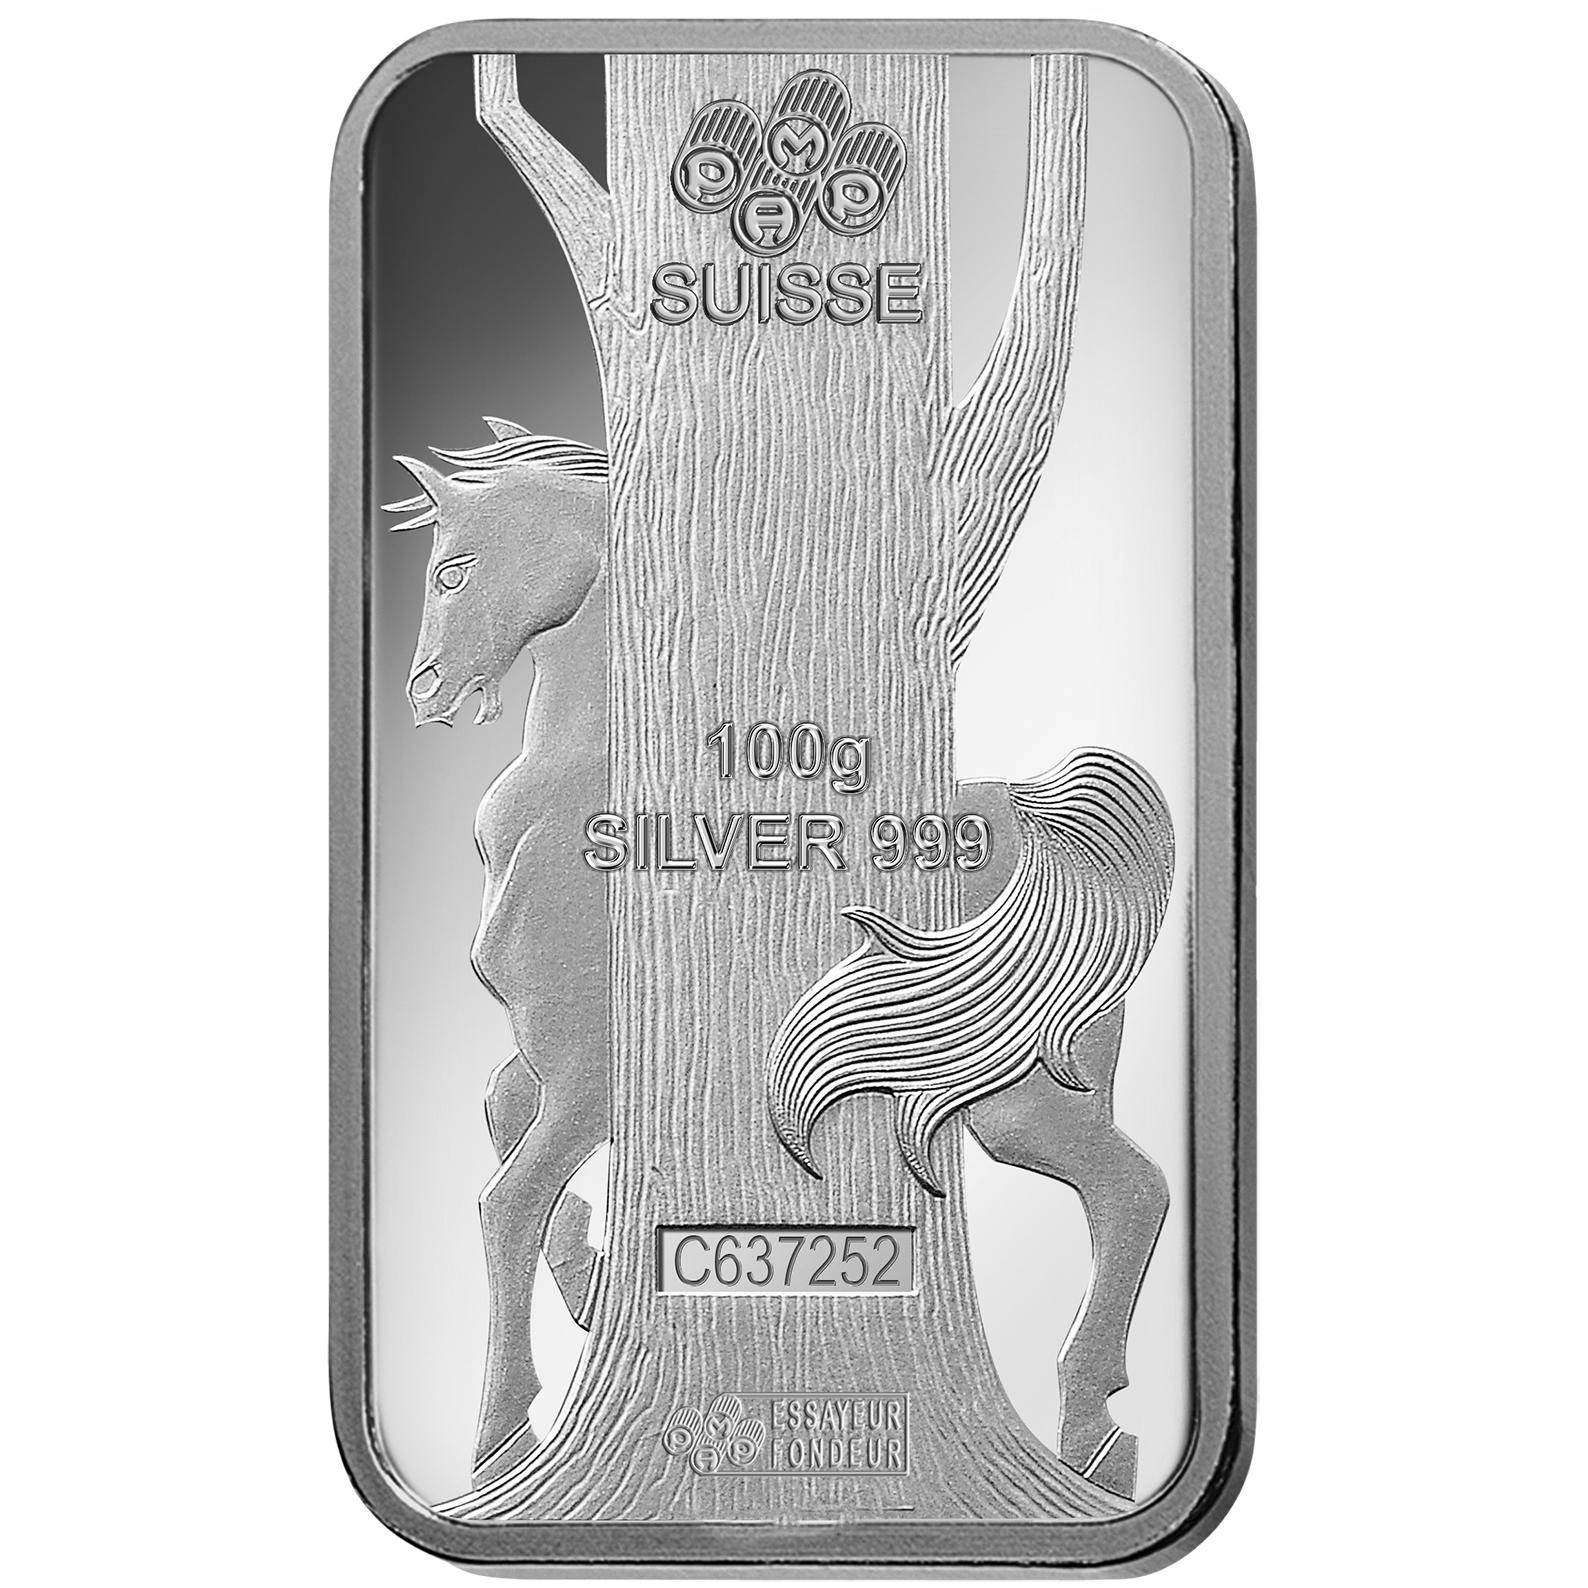 Lingotin d'argent de 100 grammes - PAMP Suisse Lunar Cheval